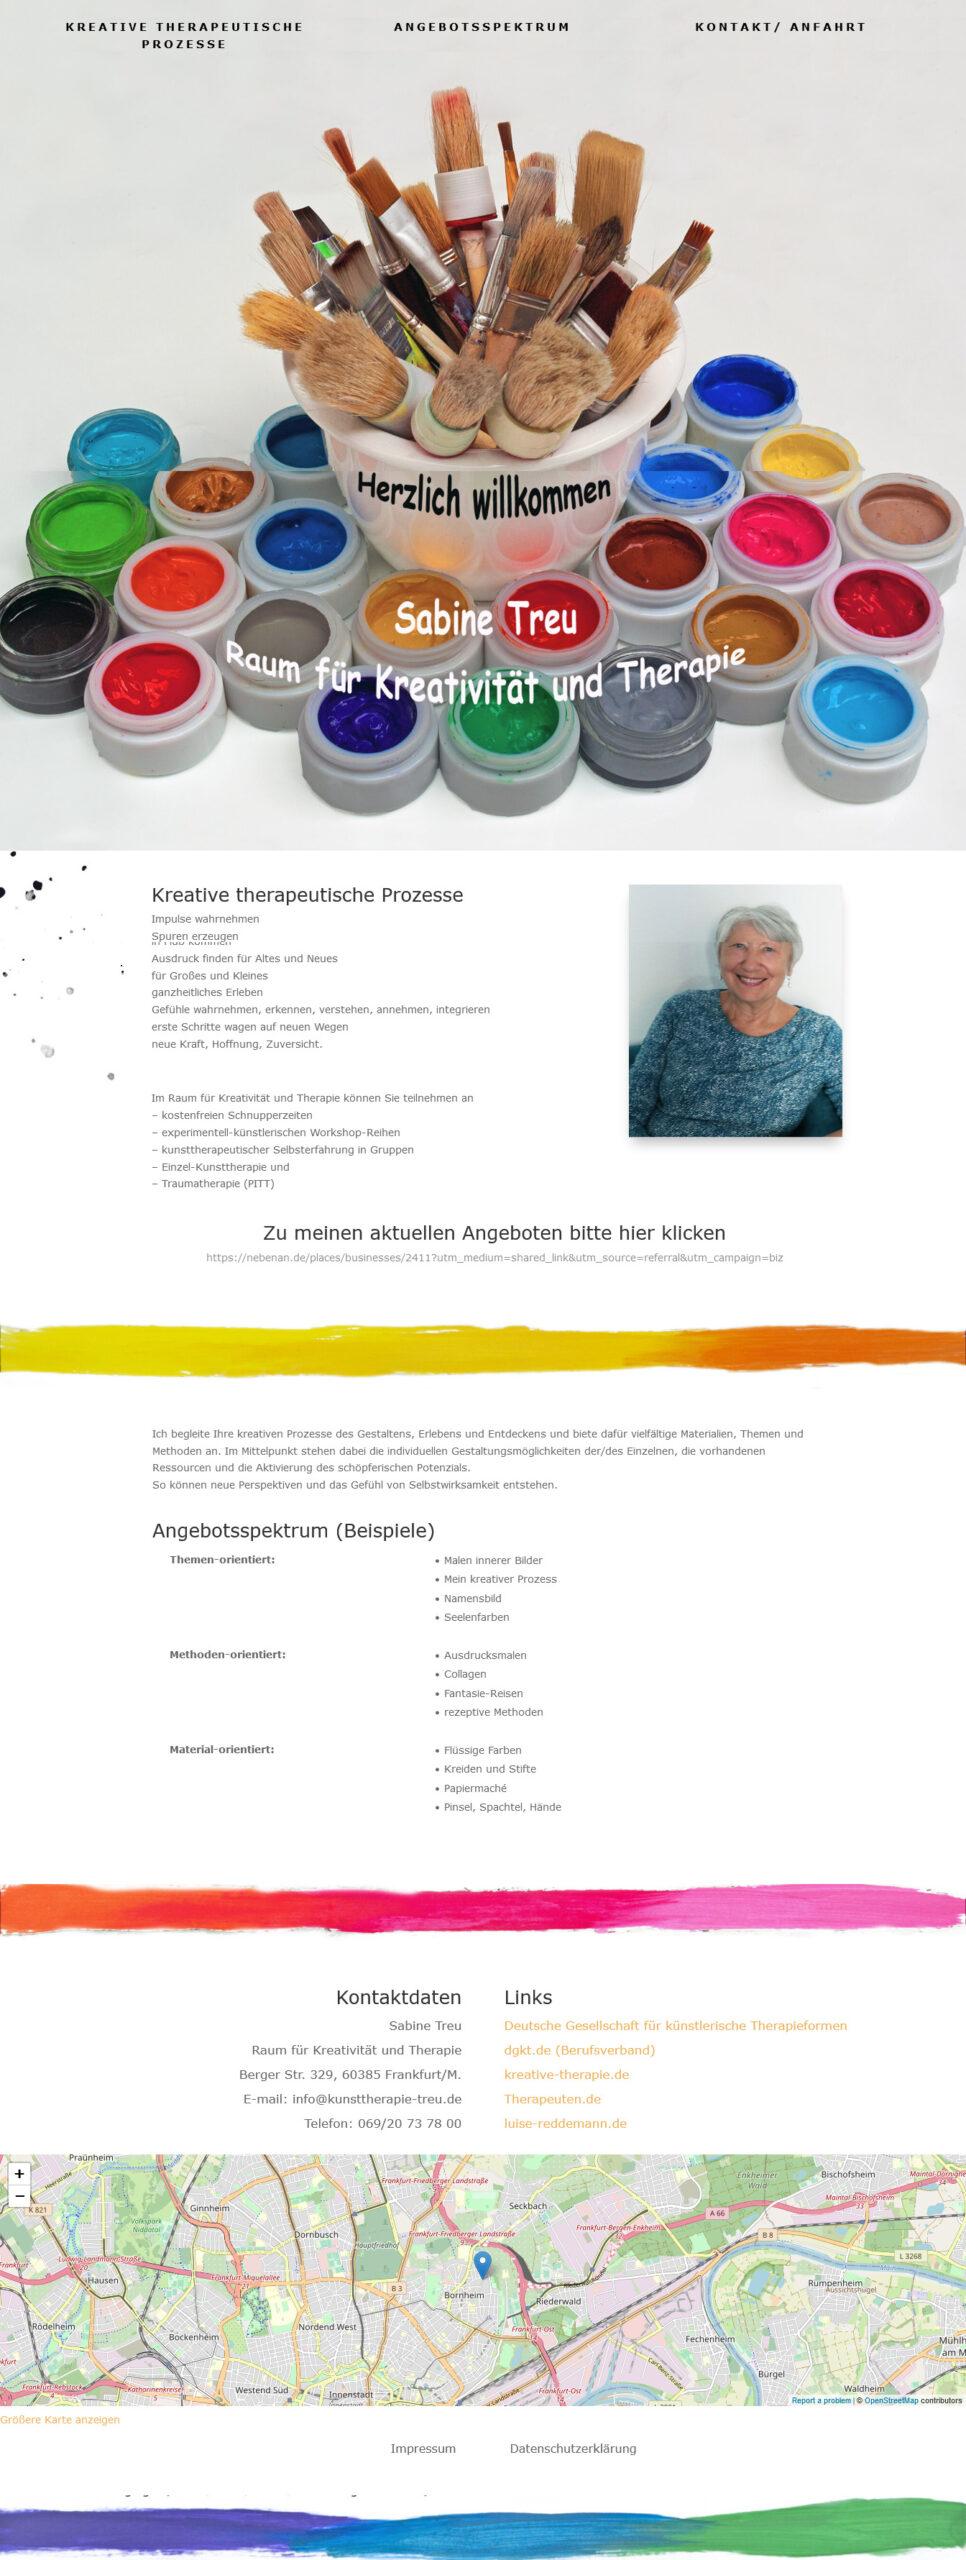 Sabine Treu - Raum für Kreativität und Therapie